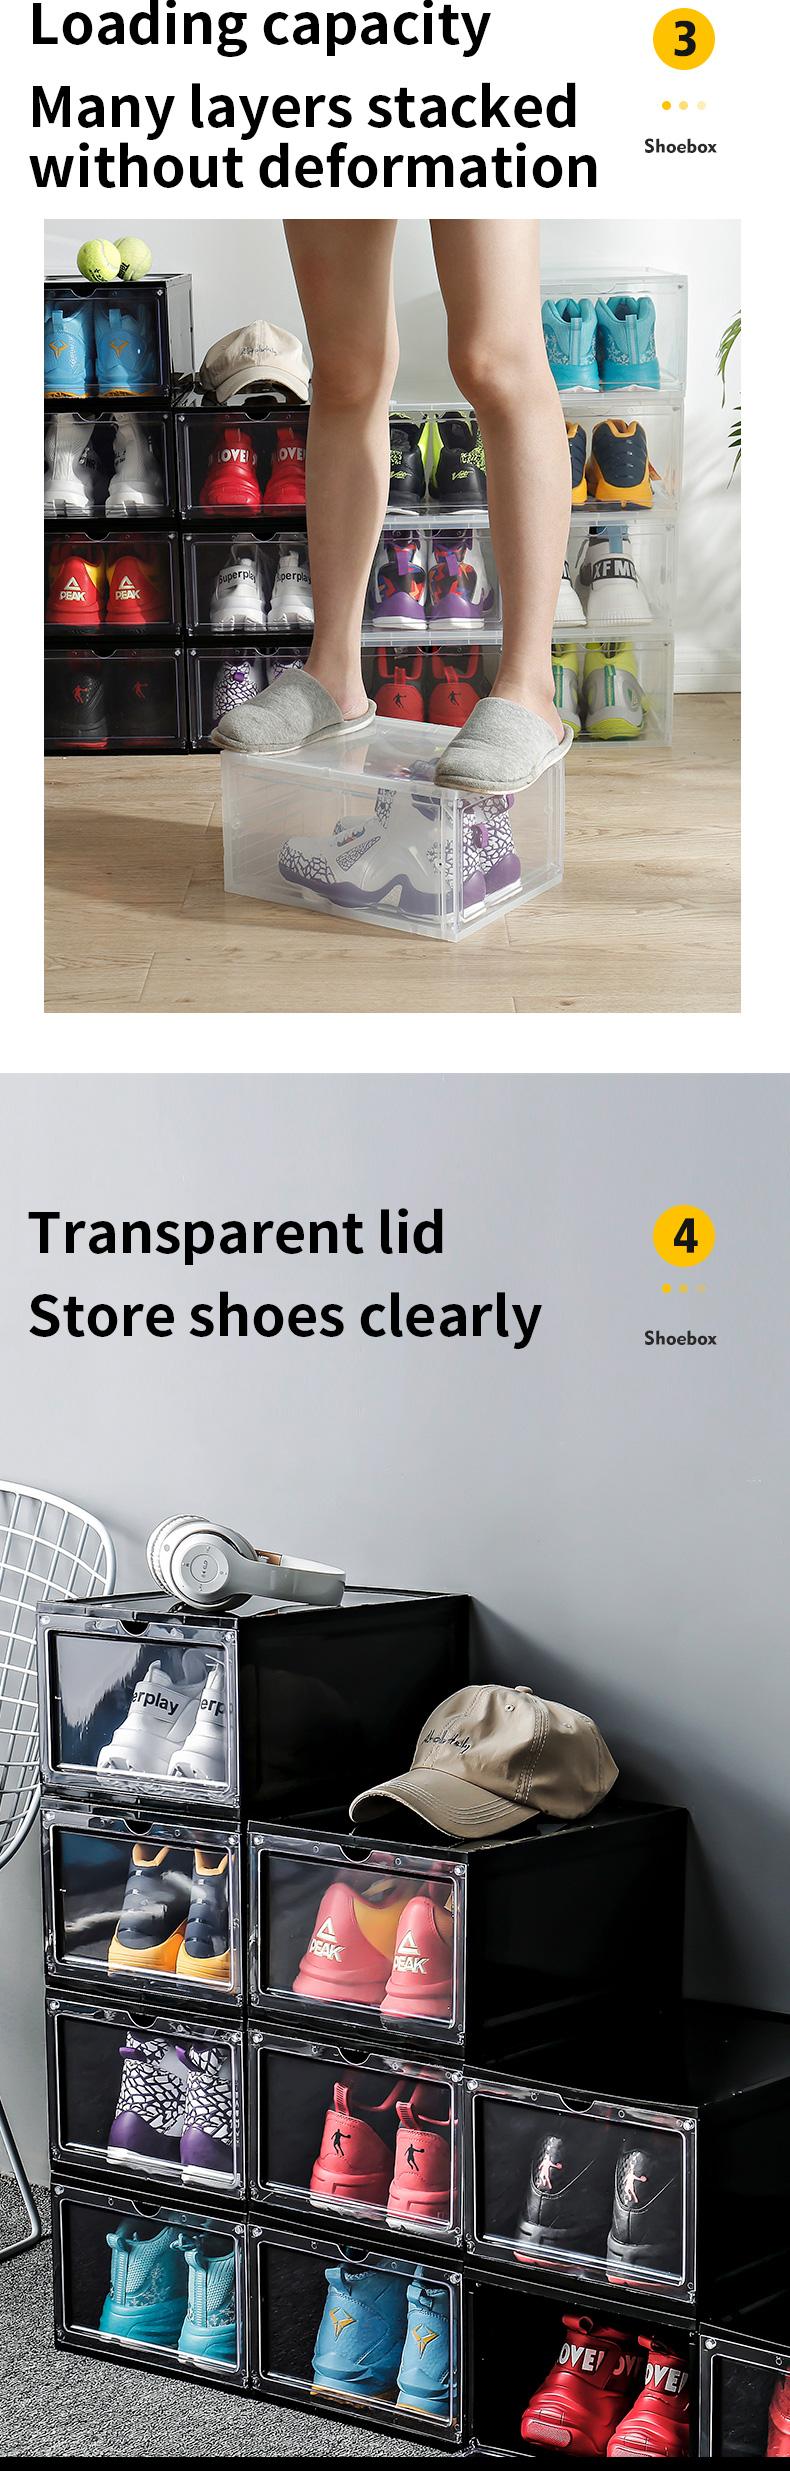 Di stoccaggio di Plastica Trasparente Impilabile Scatola di Scarpe A Casa di Caso Della Goccia Anteriore Scatola di Immagazzinaggio del Pattino